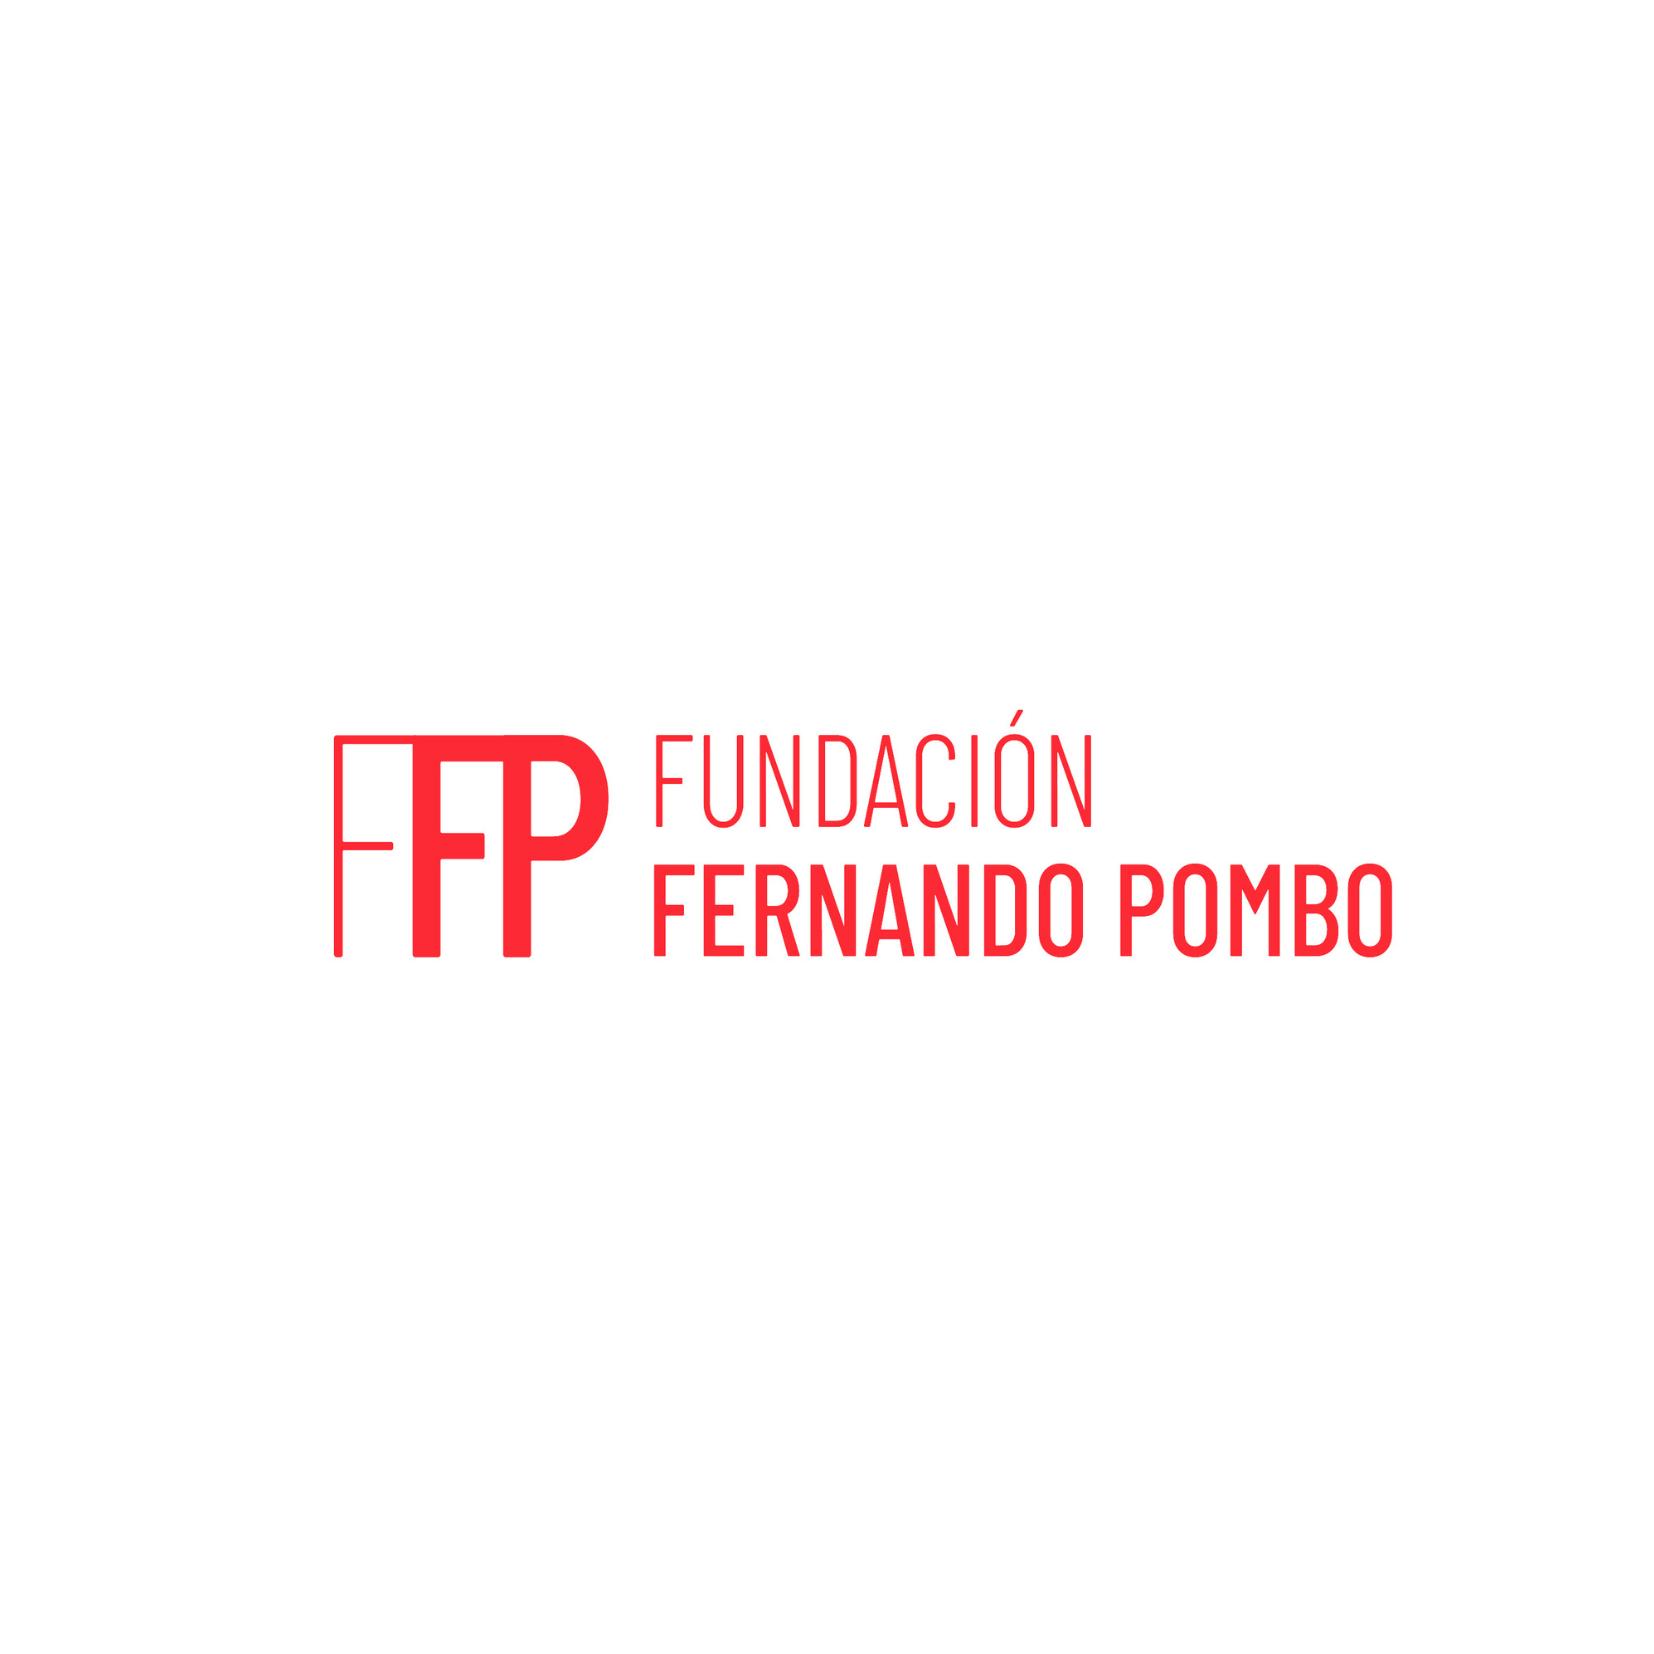 Logo Fundación Fernando Pombo